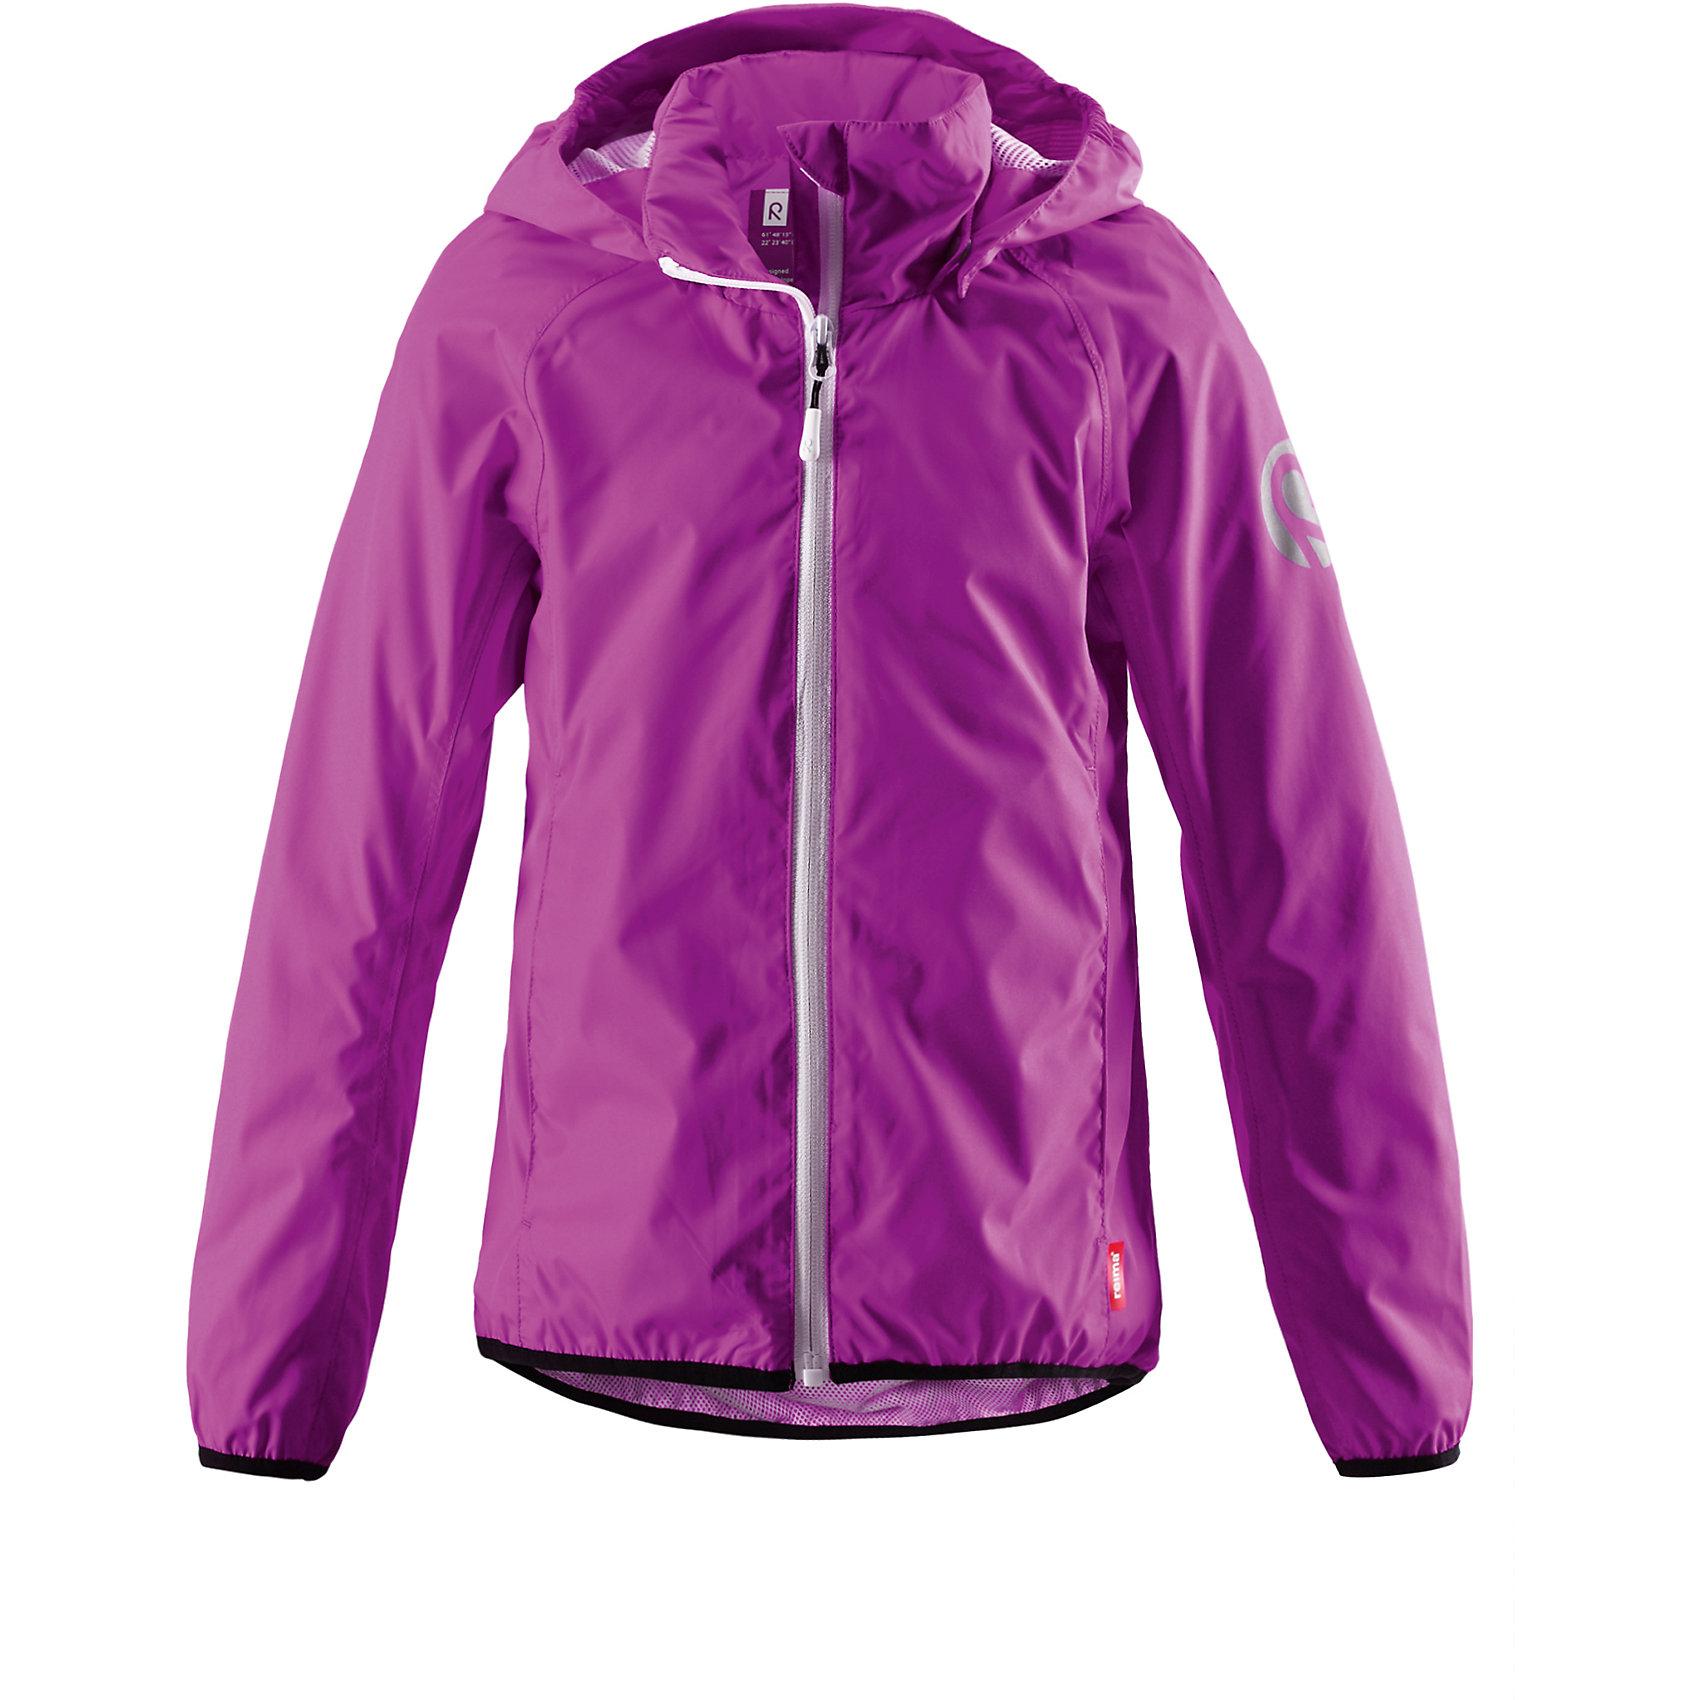 Куртка Fontane для девочки ReimaОдежда<br>Характеристики товара:<br><br>• цвет: фиолетовый<br>• состав: 100% полиэстер, полиуретановое покрытие<br>• температурный режим: от +5°до +15°С<br>• демисезон<br>• без утеплителя<br>• застежка: молния<br>• эластичные манжеты<br>• водо- и грязеотталкивающий материал<br>• ветронепроницаемый и «дышащий» материал<br>• отстегивающийся капюшон<br>• карманы<br>• высокий воротник<br>• комфортная посадка<br>• страна производства: Китай<br>• страна бренда: Финляндия<br><br>Верхняя одежда для детей может быть модной и комфортной одновременно! Легкая куртка поможет обеспечить ребенку комфорт и тепло. Она отлично смотрится с различной одеждой и обувью. Изделие удобно сидит и модно выглядит. Стильный дизайн разрабатывался специально для детей.<br><br>Одежда и обувь от финского бренда Reima пользуется популярностью во многих странах. Эти изделия стильные, качественные и удобные. Для производства продукции используются только безопасные, проверенные материалы и фурнитура. Порадуйте ребенка модными и красивыми вещами от Reima! <br><br>Куртку Fontane для девочки от финского бренда Reima (Рейма) можно купить в нашем интернет-магазине.<br><br>Ширина мм: 356<br>Глубина мм: 10<br>Высота мм: 245<br>Вес г: 519<br>Цвет: фиолетовый<br>Возраст от месяцев: 132<br>Возраст до месяцев: 144<br>Пол: Унисекс<br>Возраст: Детский<br>Размер: 152<br>SKU: 5415571